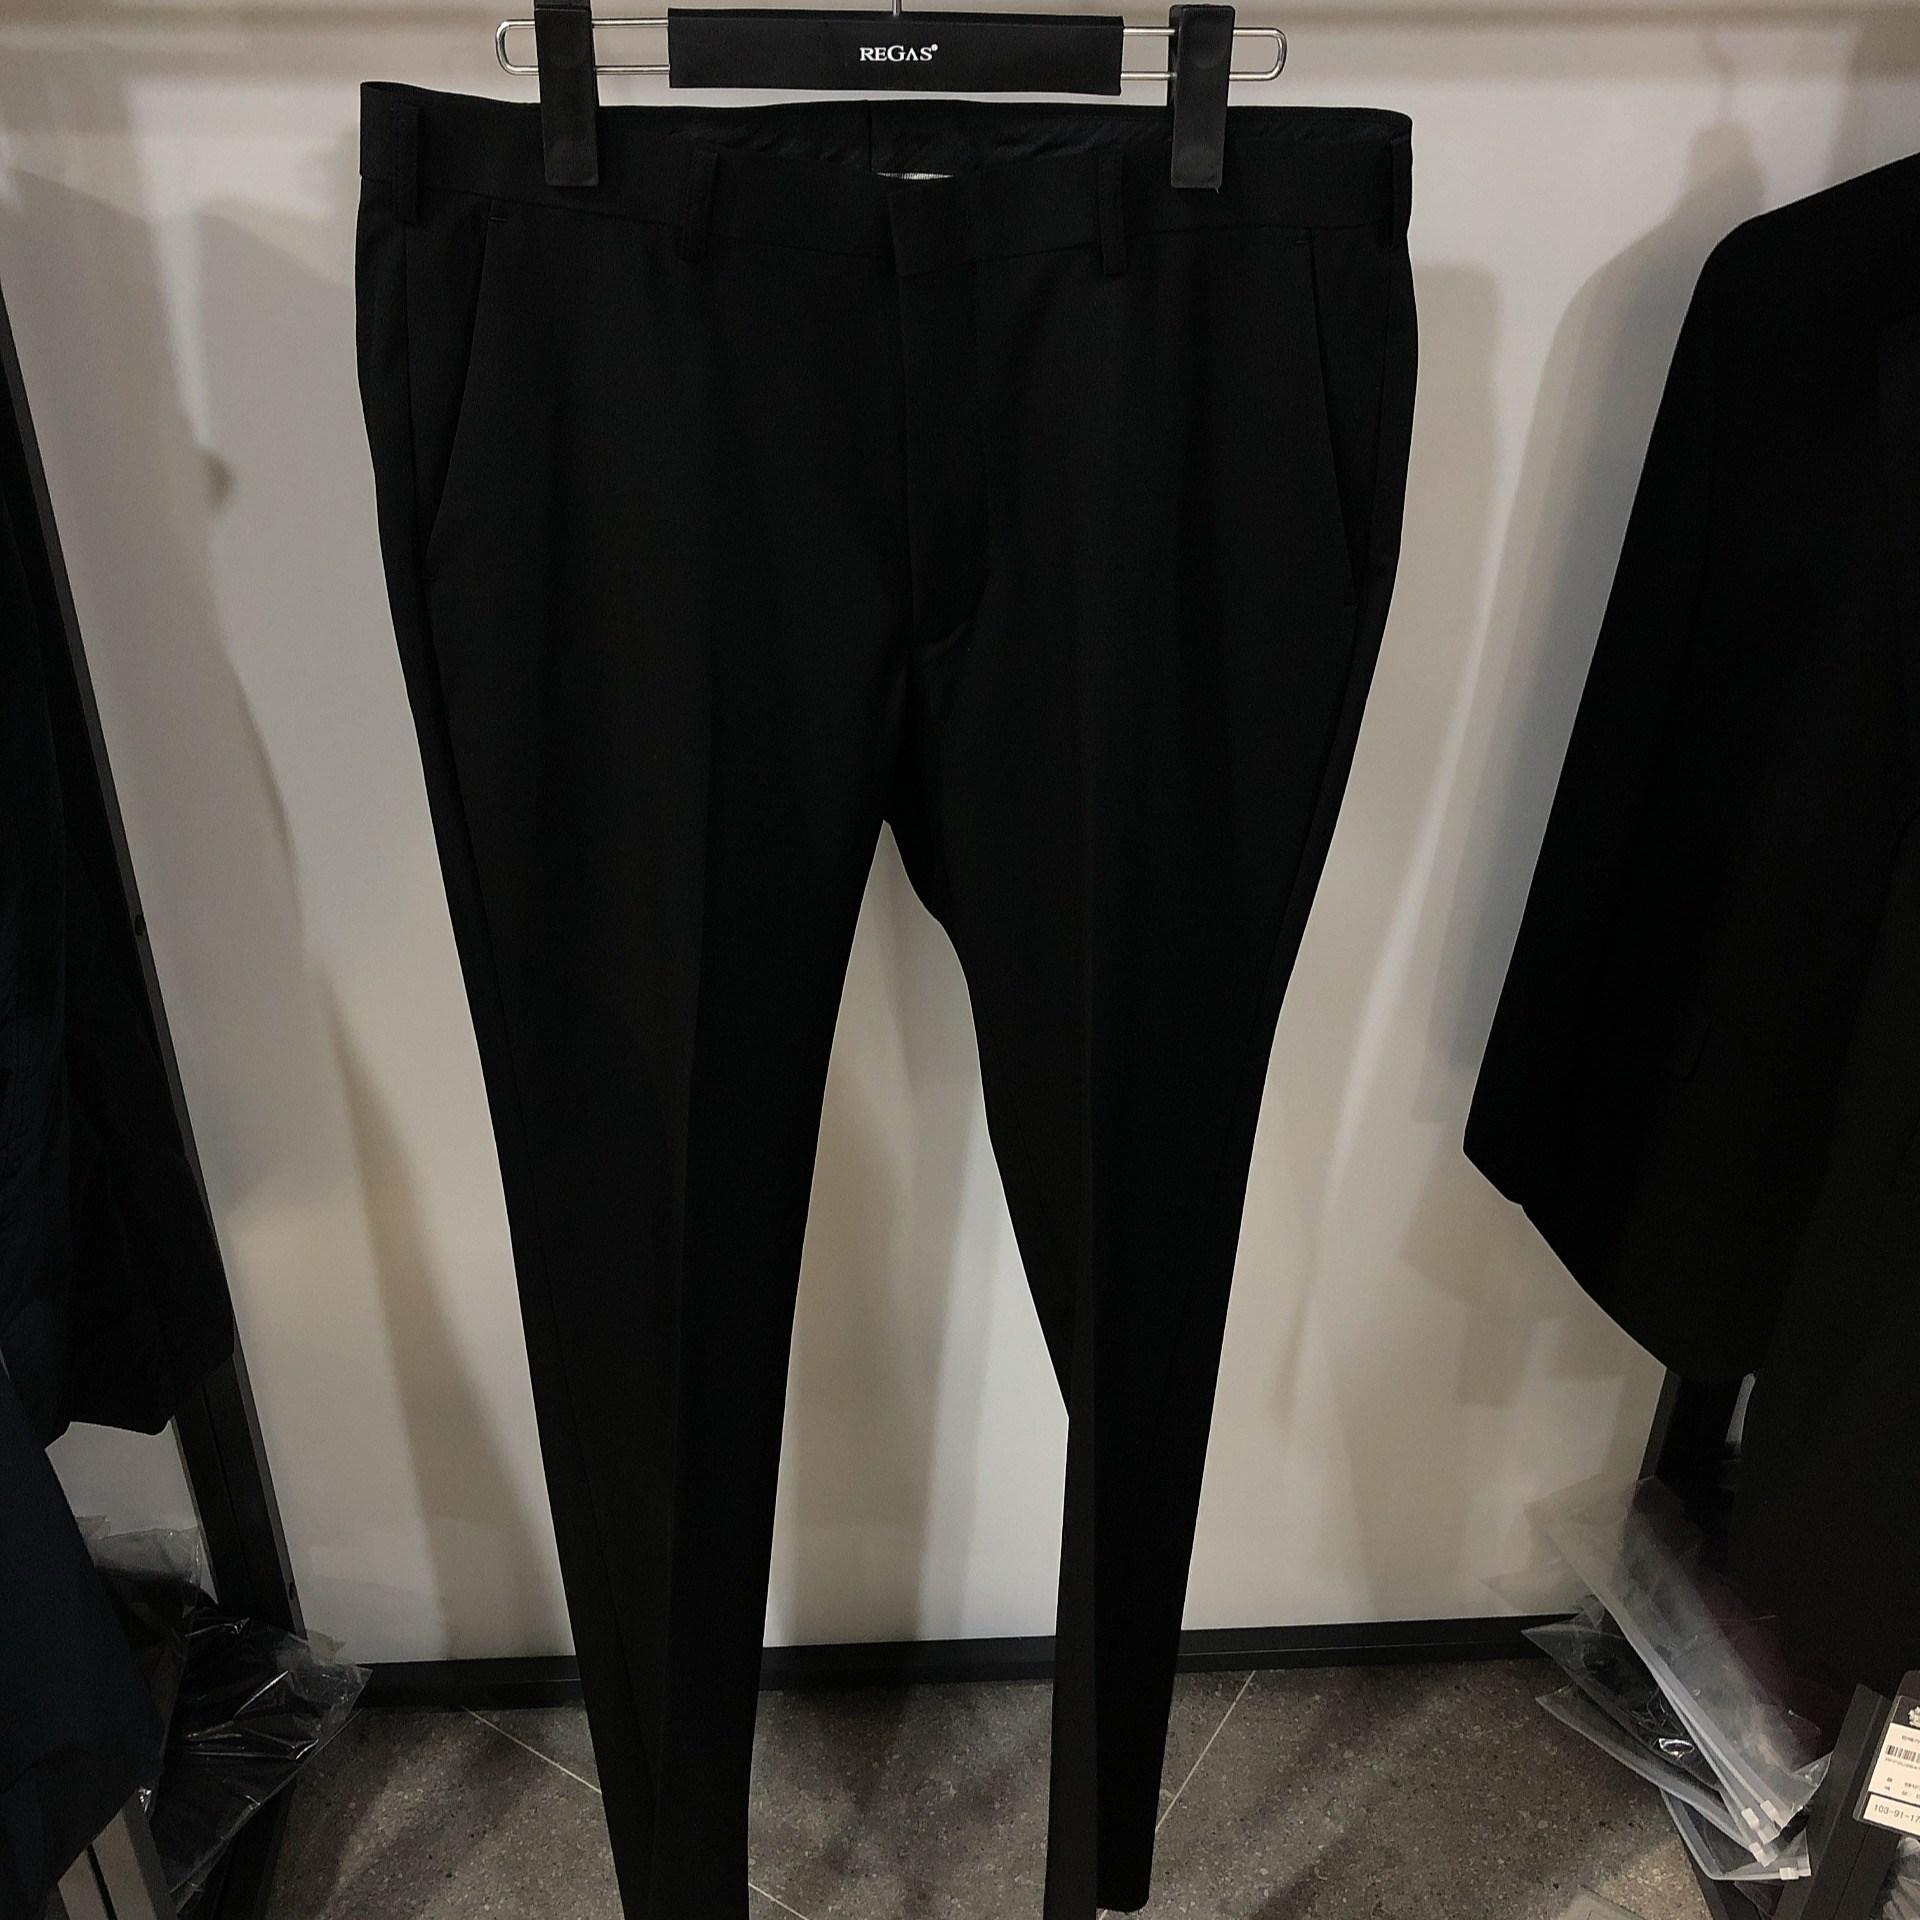 [행복한백화점][보스렌자]남성 기본라인 정장팬츠 슬랙스 심플 블랙팬츠 RFFPA9641